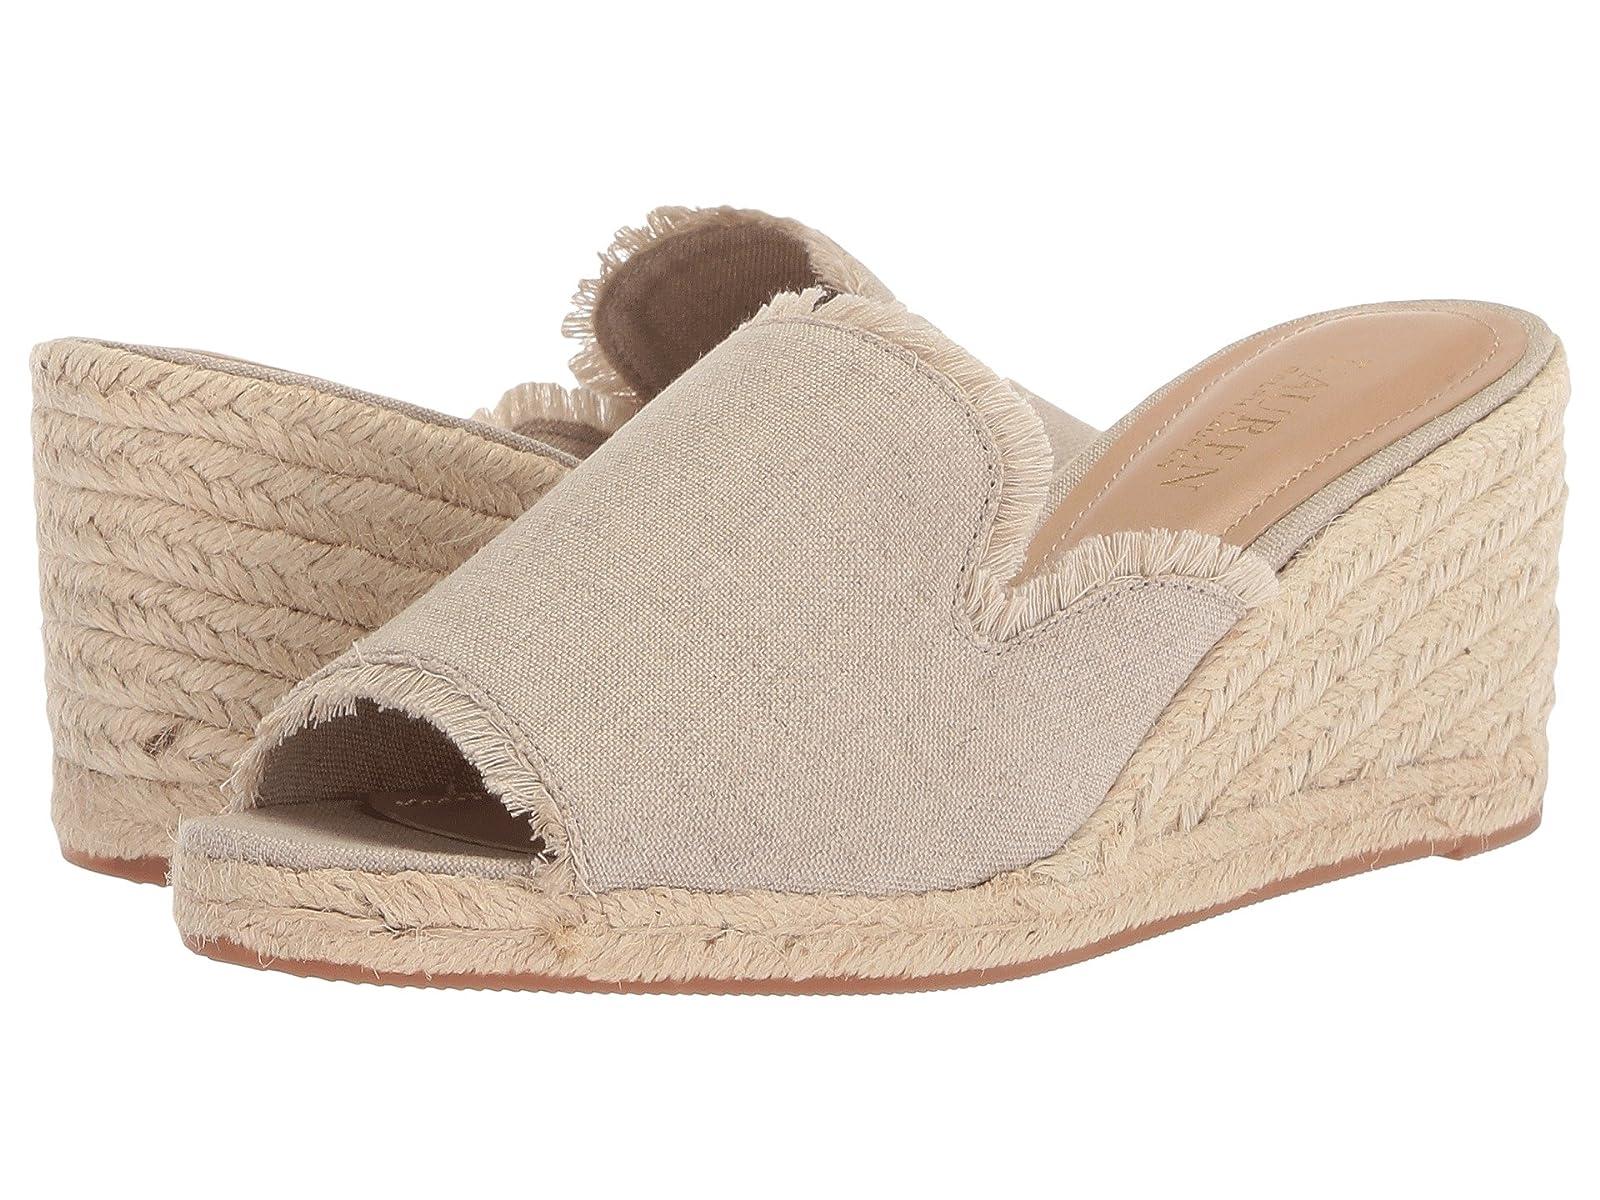 LAUREN Ralph Lauren CarlyndaCheap and distinctive eye-catching shoes